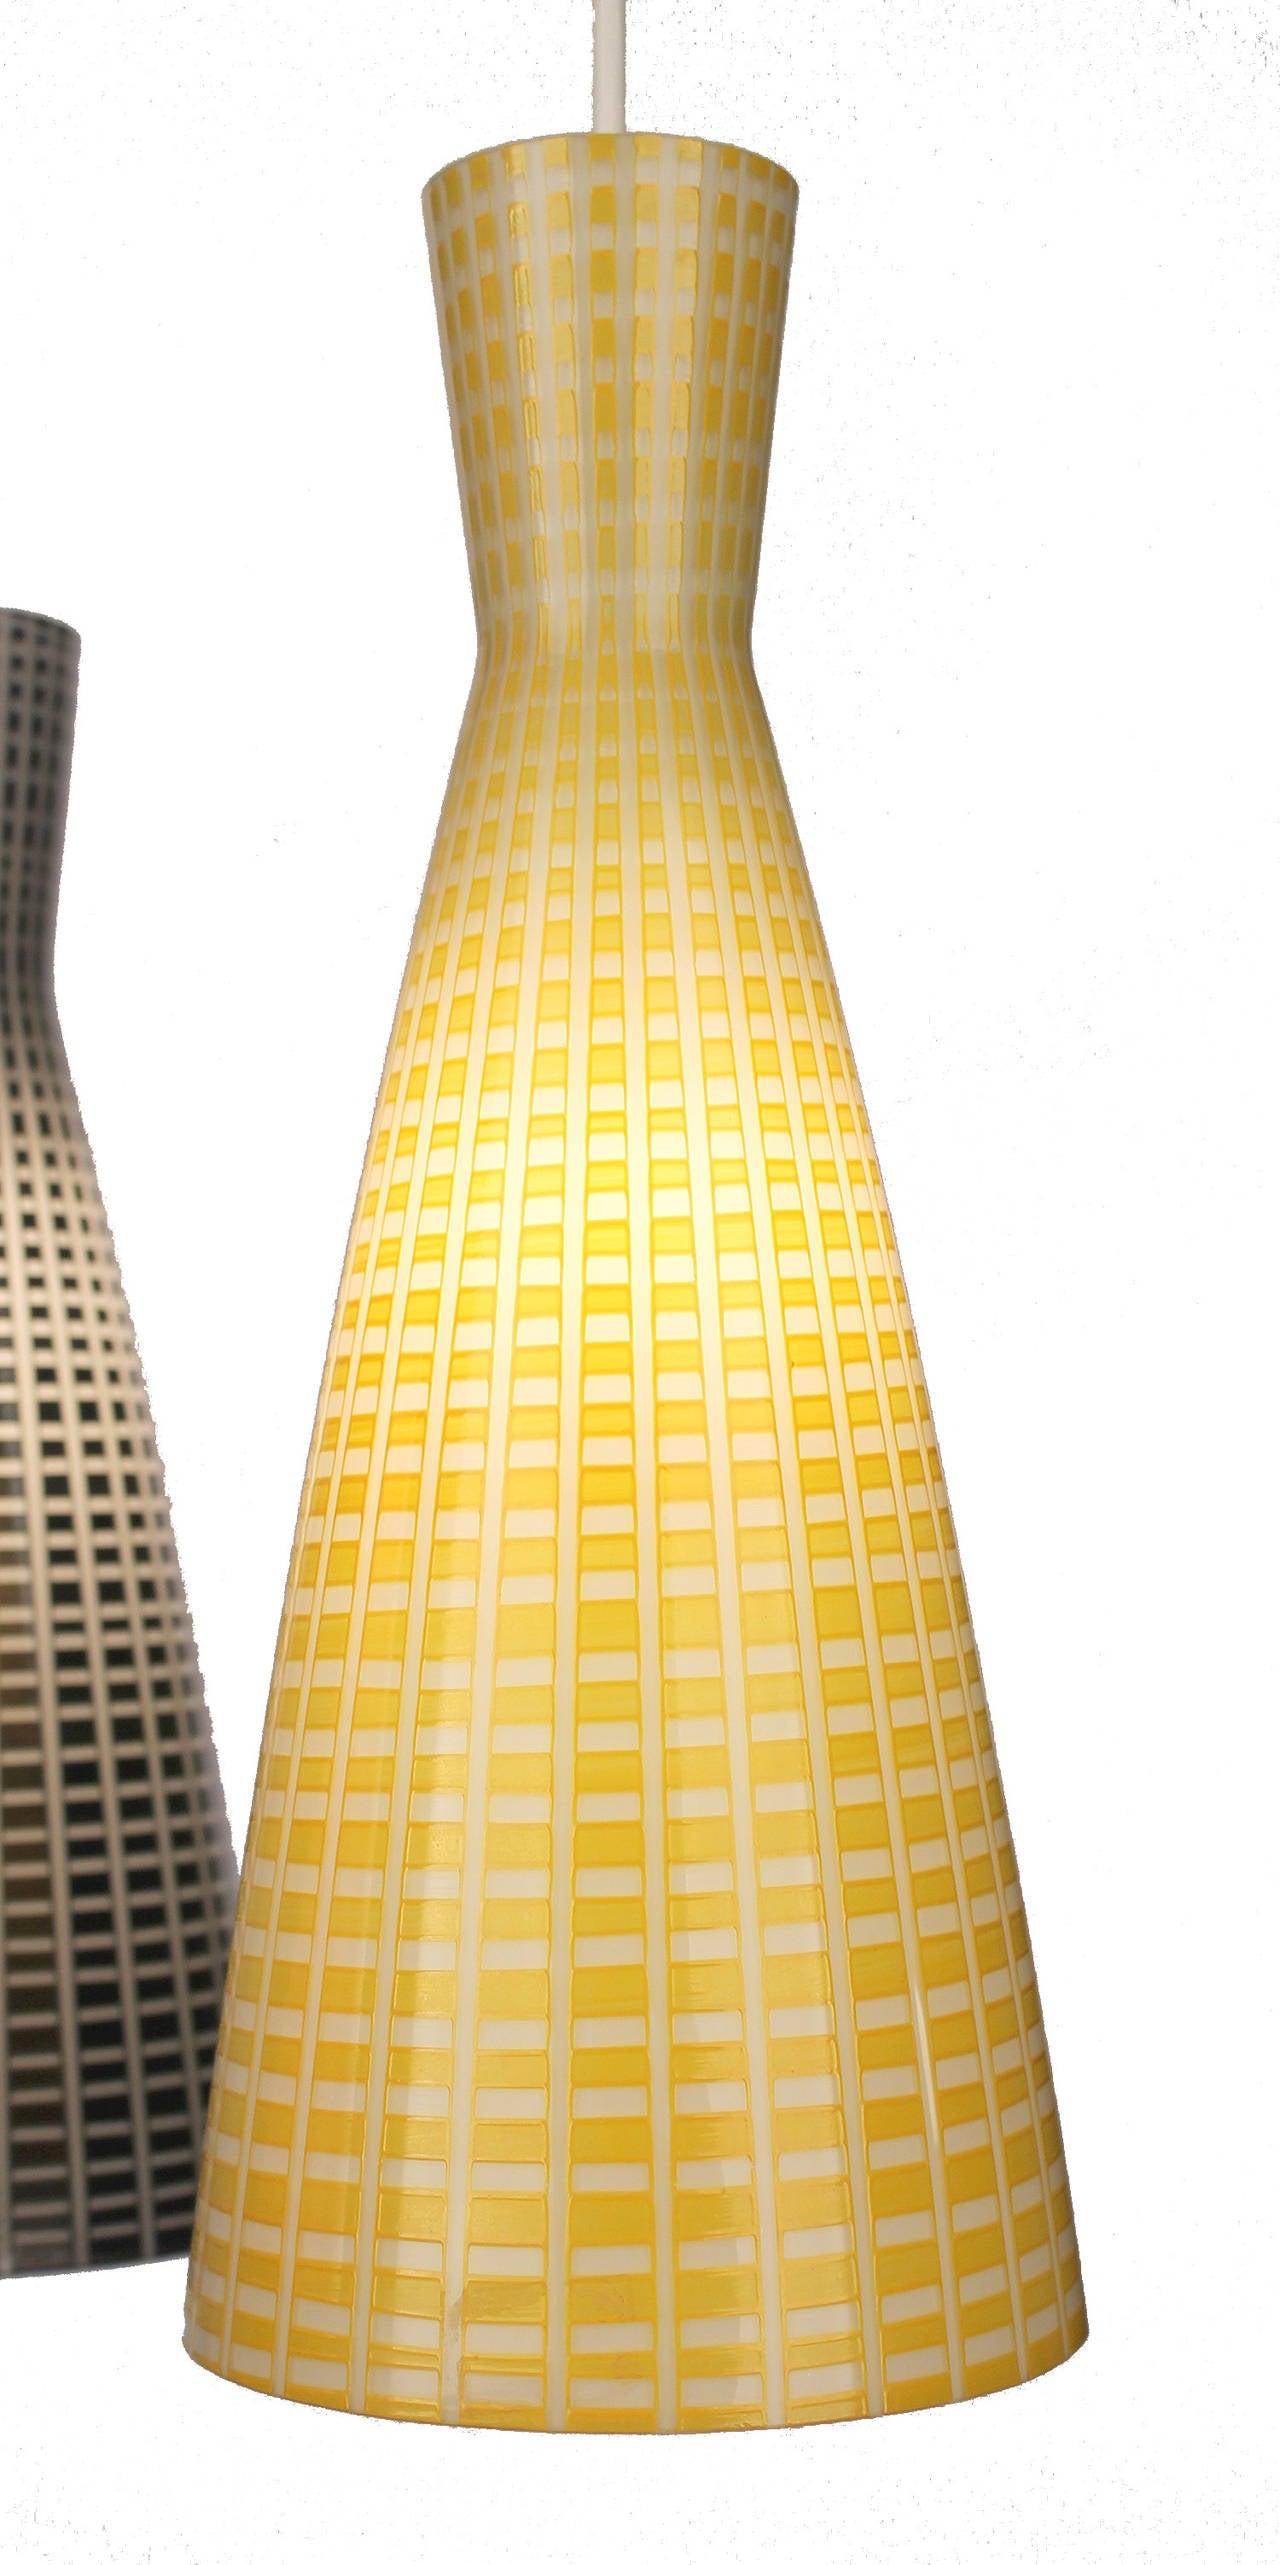 Large Glass & Brass Chandelier,  Modernist Design, Stilnovo Style Pendant Lamp  6